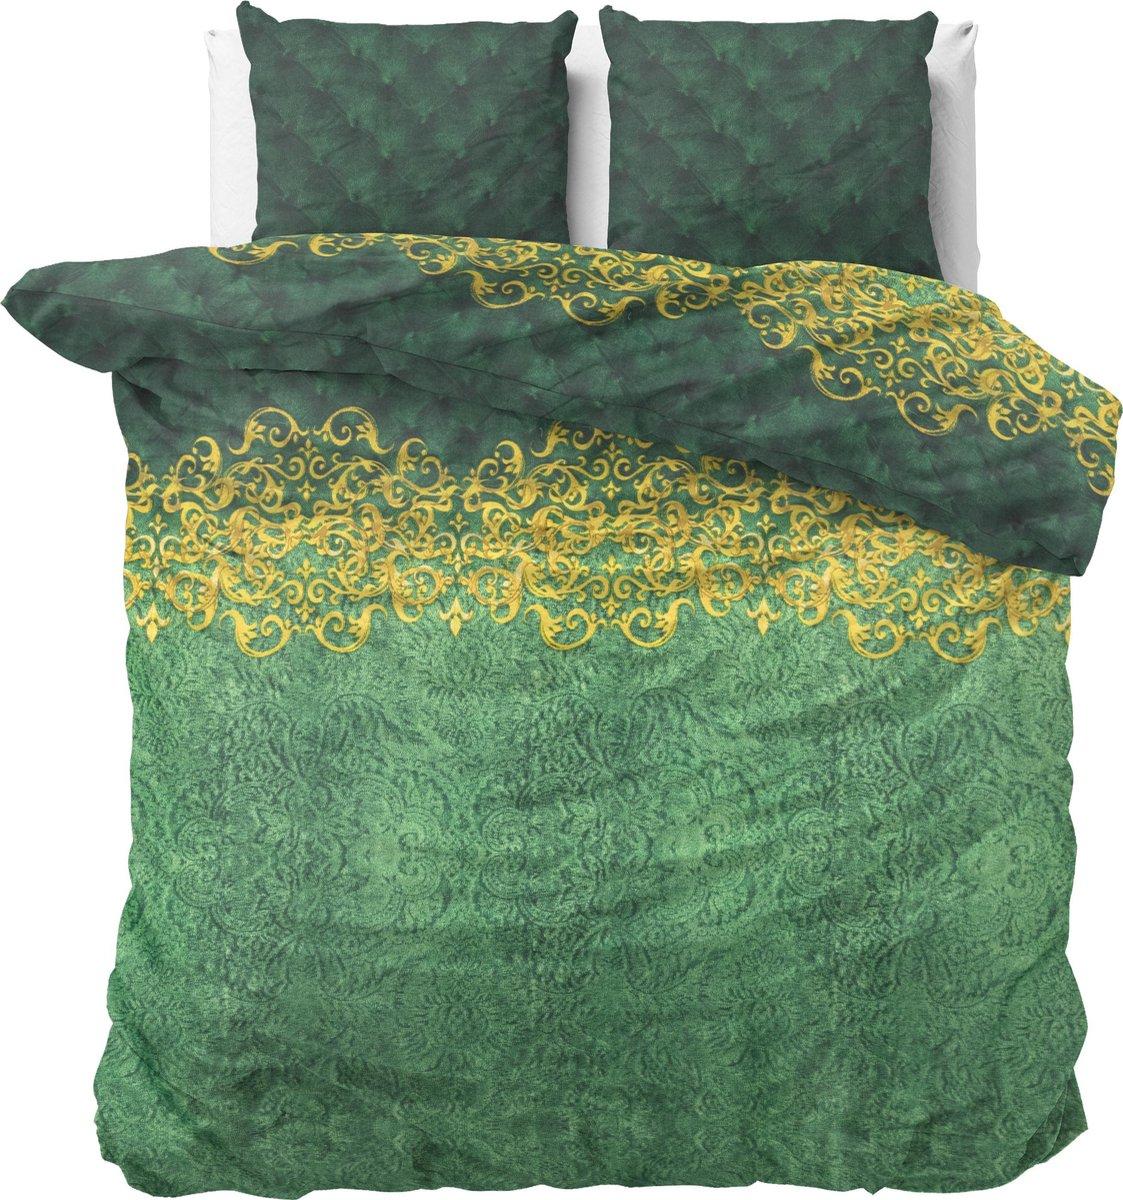 Sleeptime Petty Chrone - Dekbedovertrekset - Tweepersoons - 200x200/220 + 2 kussenslopen 60x70 - Groen kopen